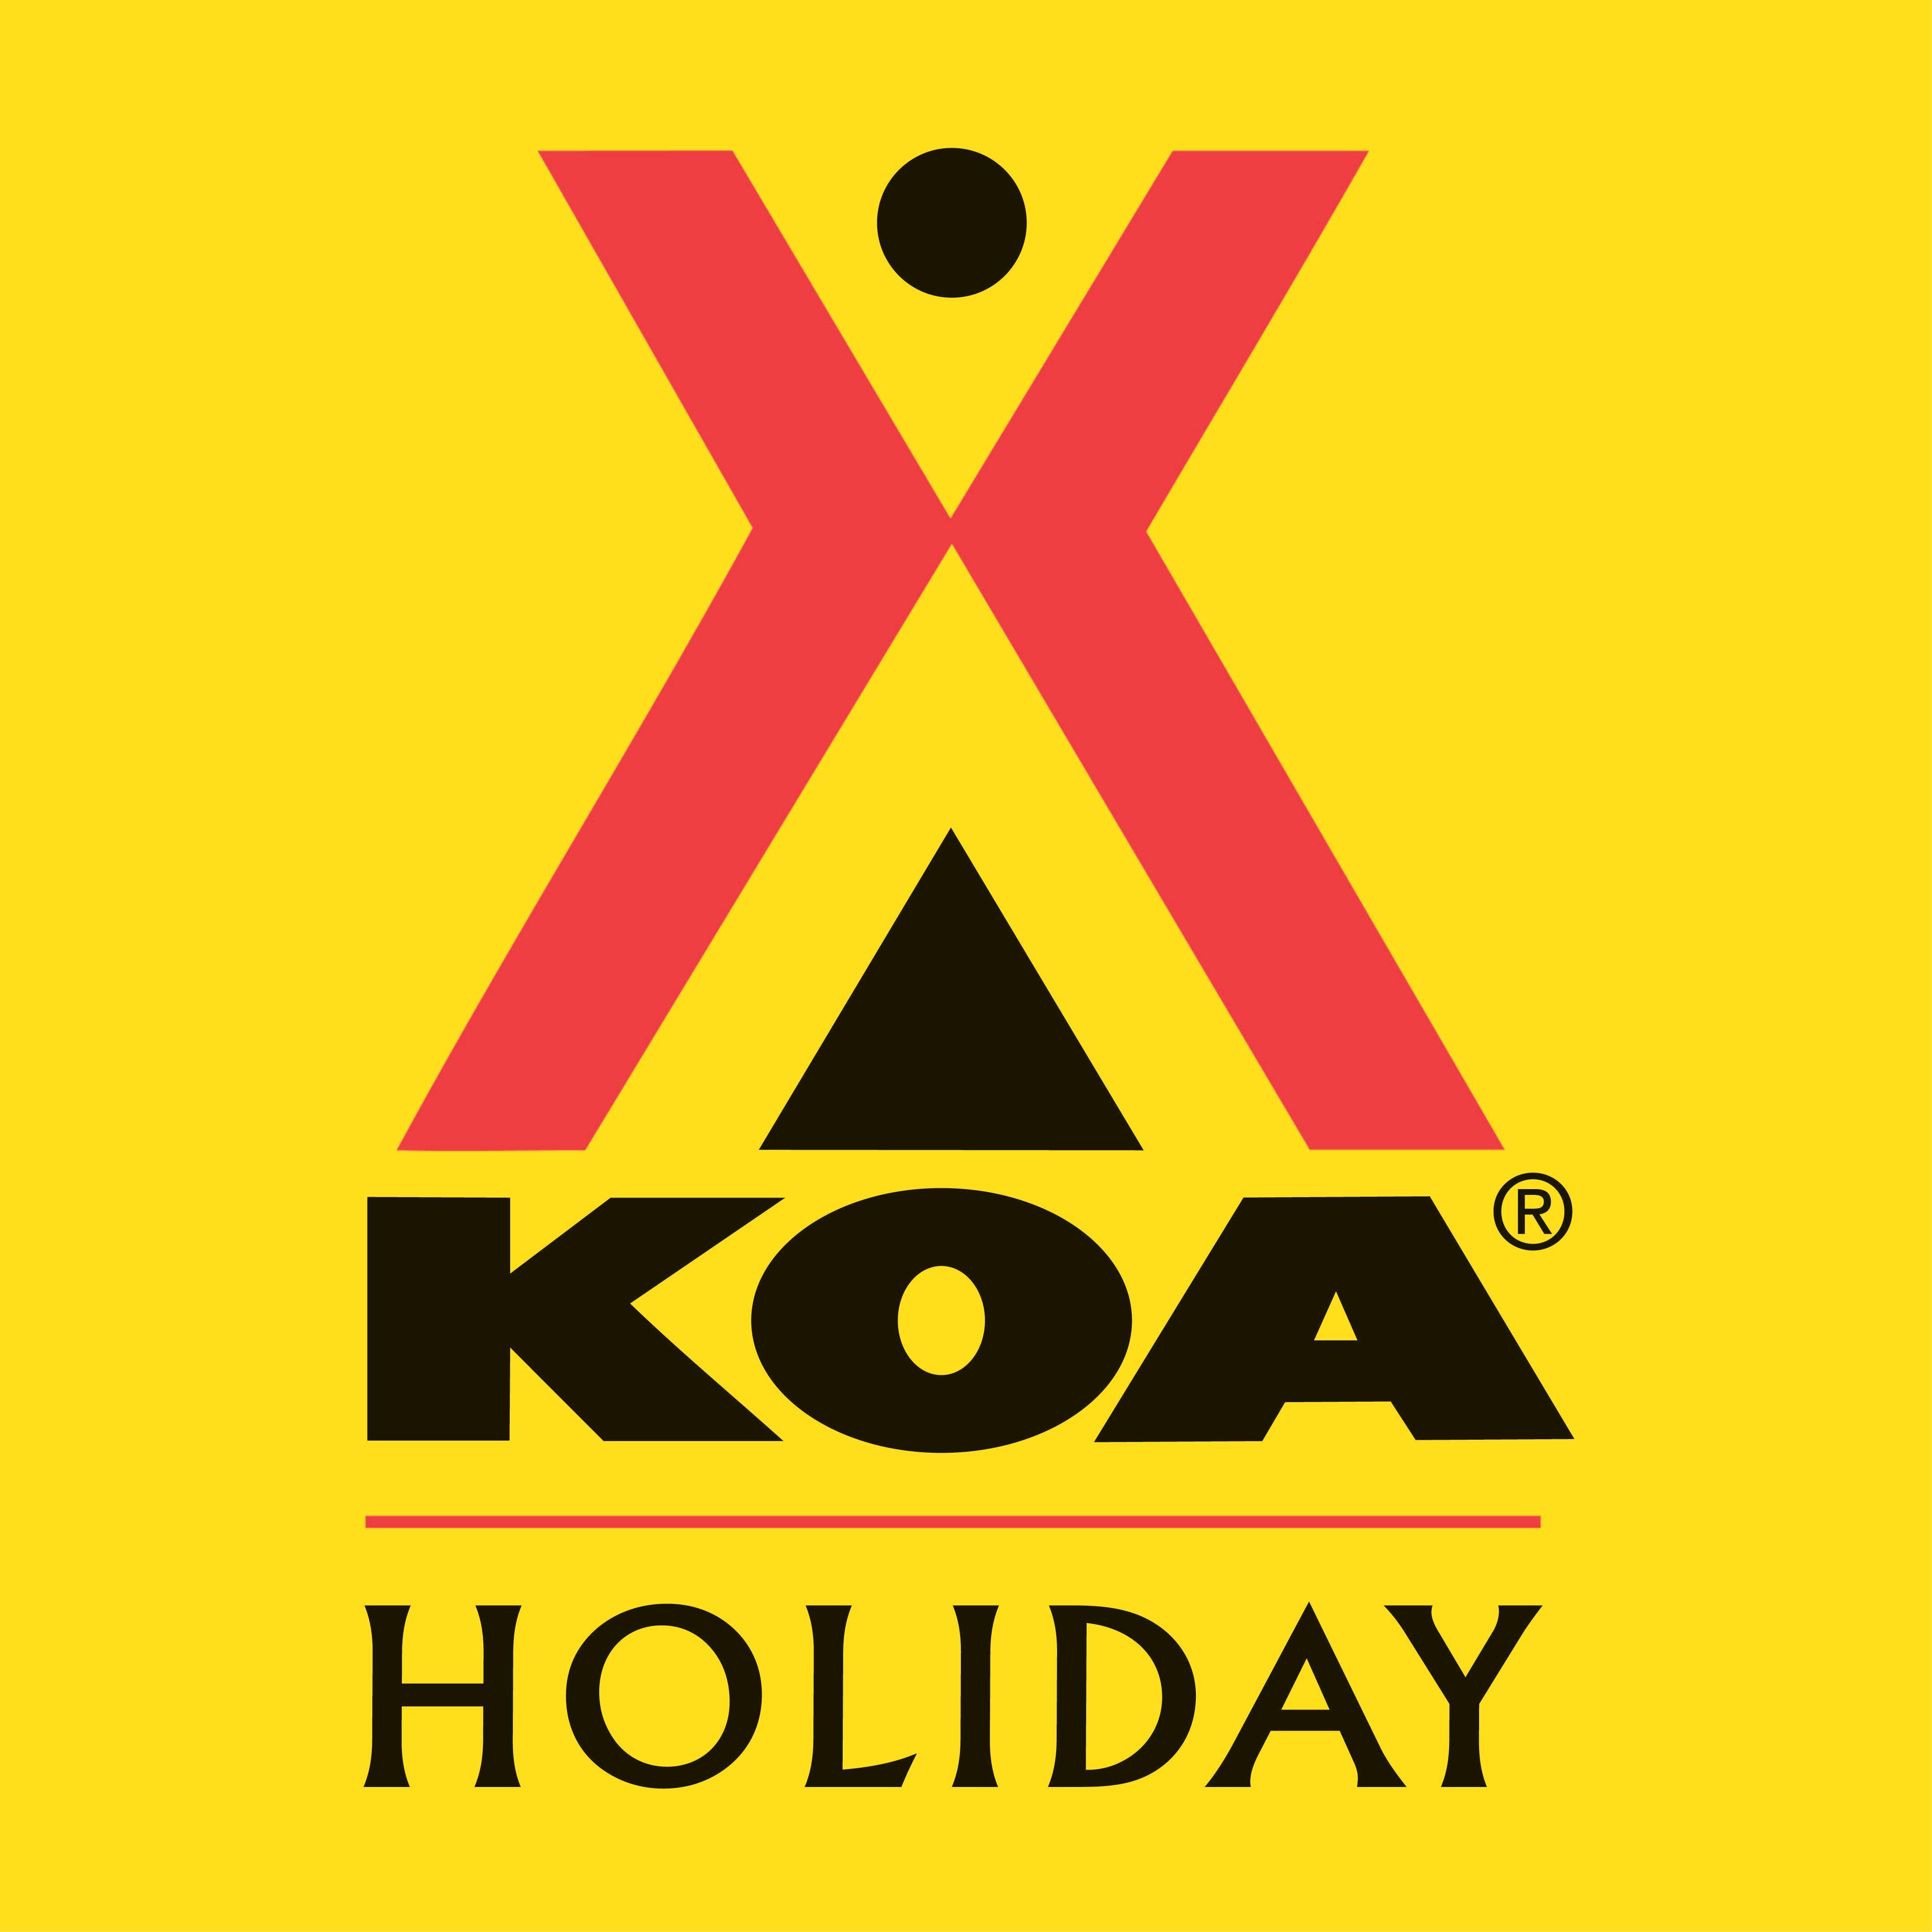 Koa coupons